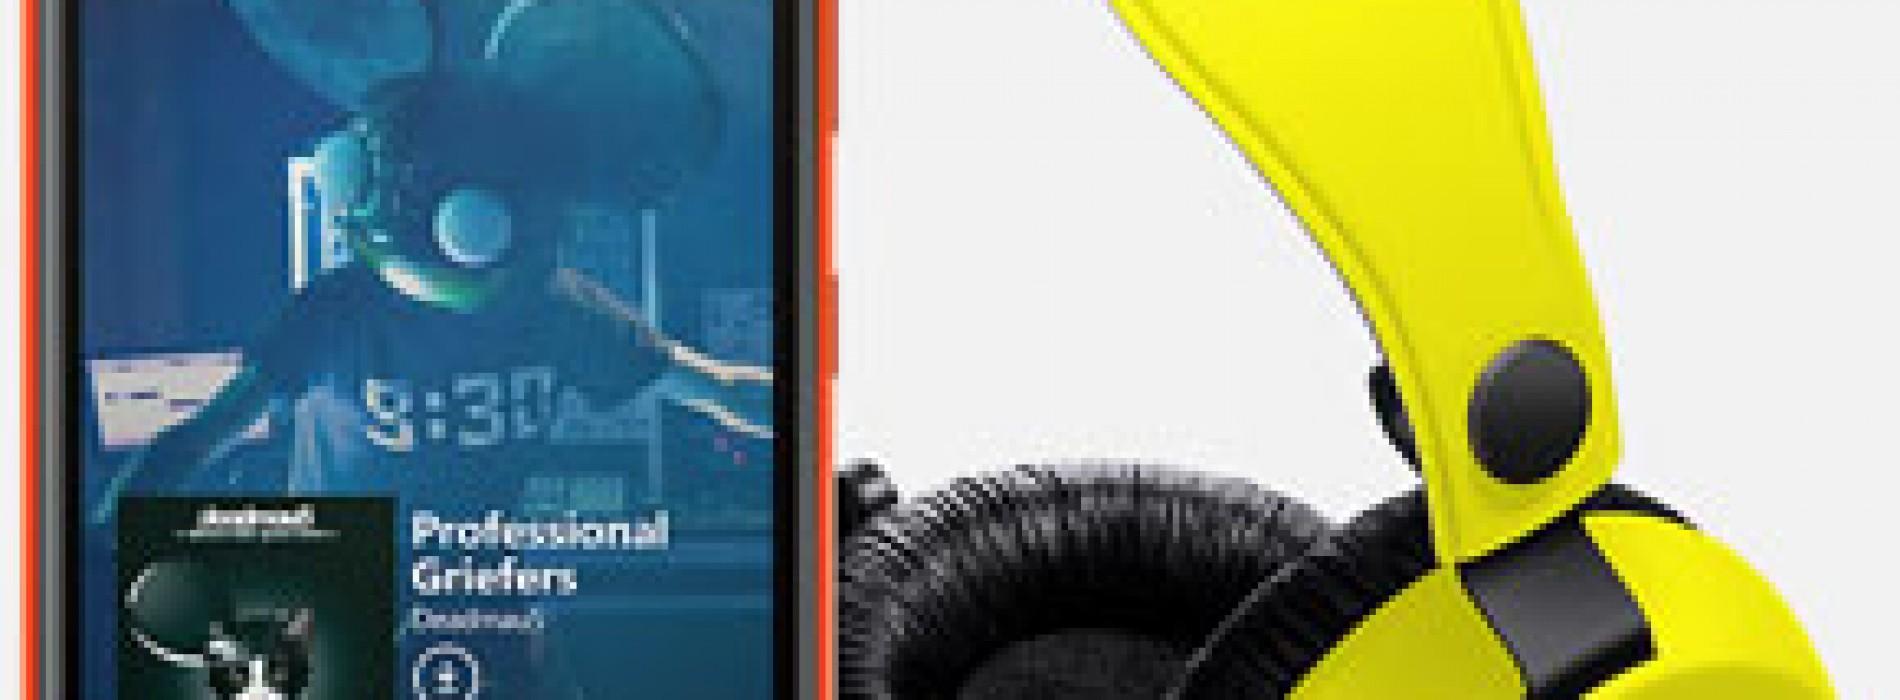 Lumia 625 mayor entretenimiento y conectividad móvil